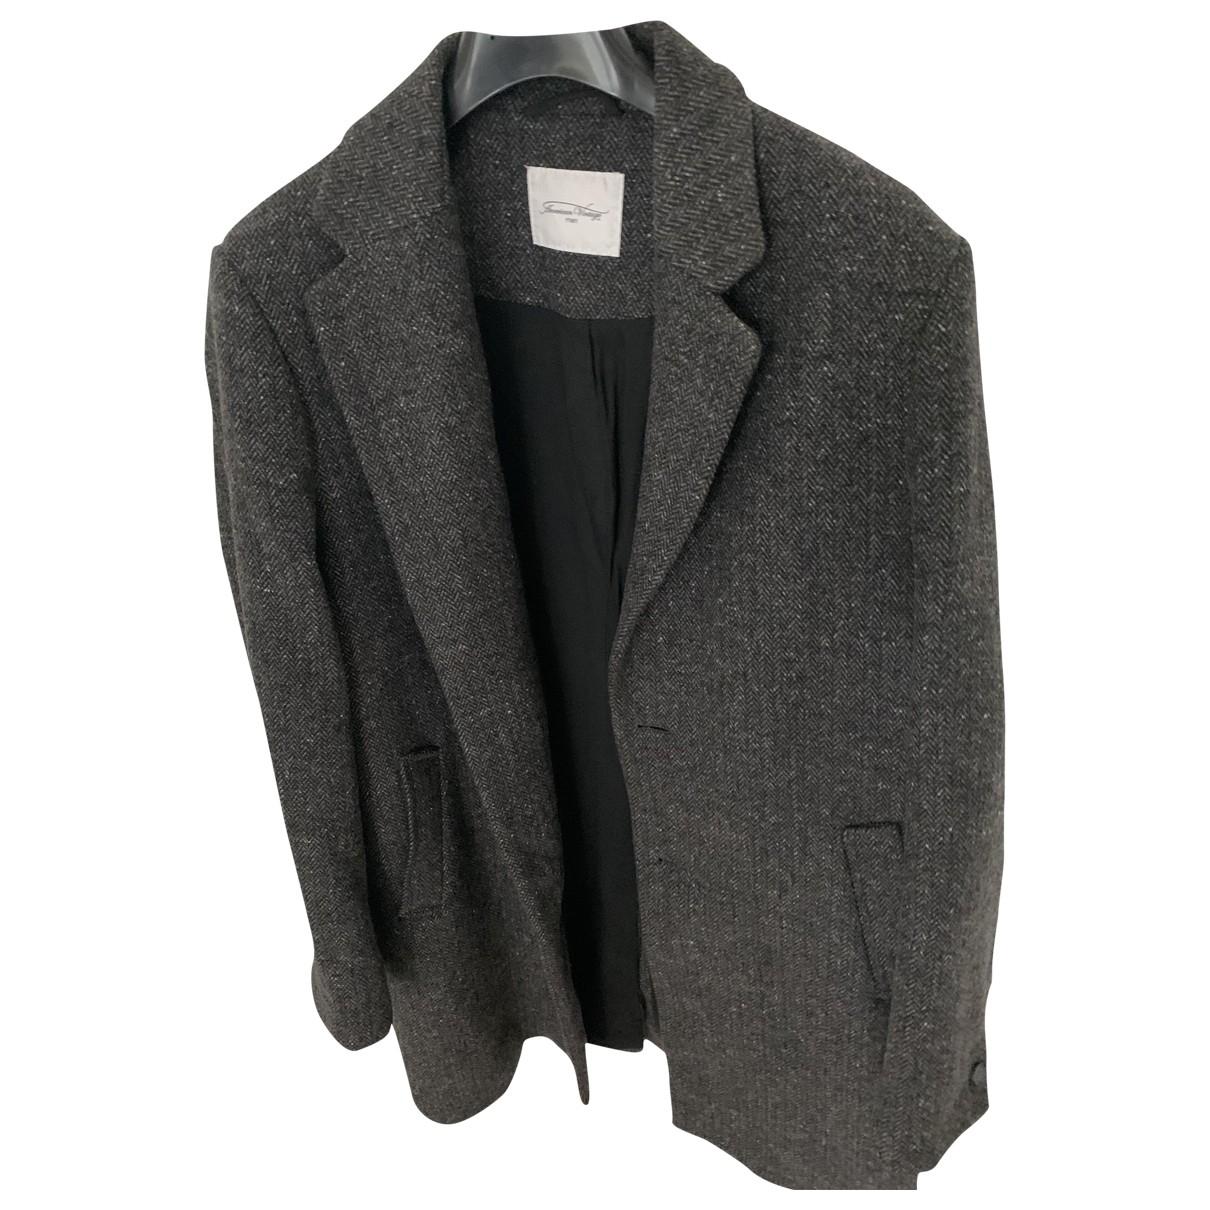 American Vintage - Manteau   pour homme en laine - gris